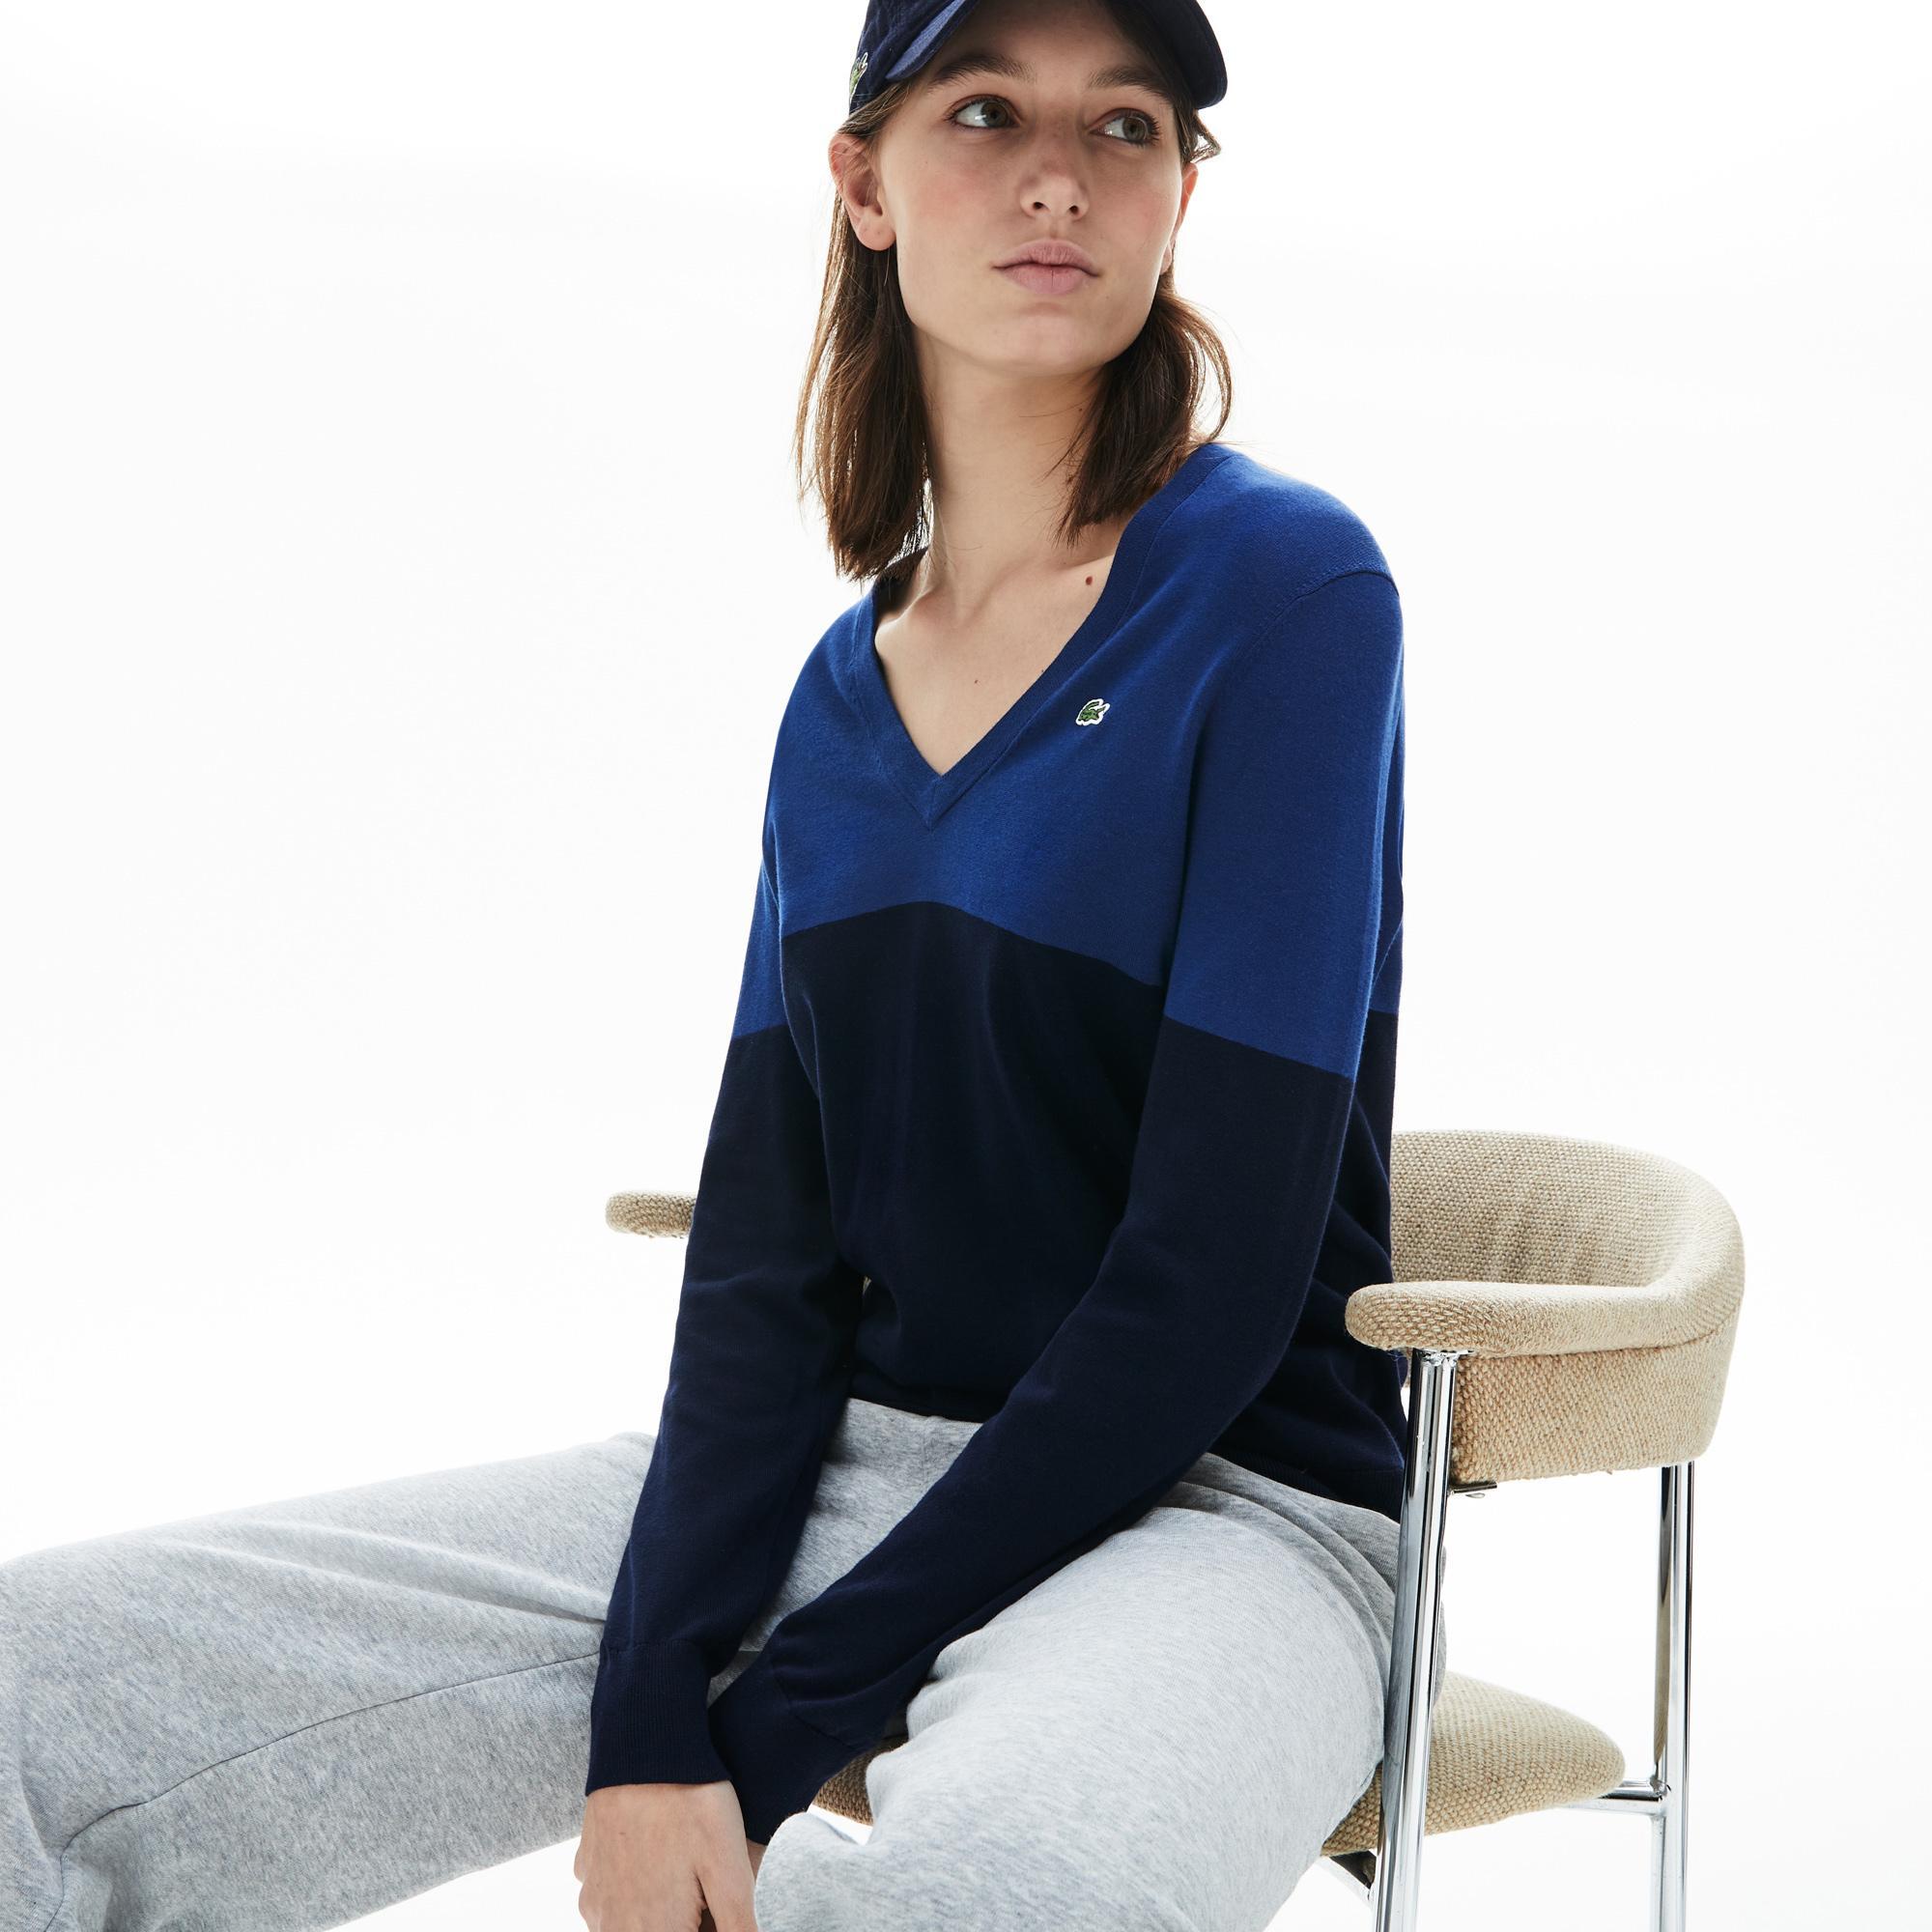 Lacoste Women's Colourblock Cotton V-Neck Sweater